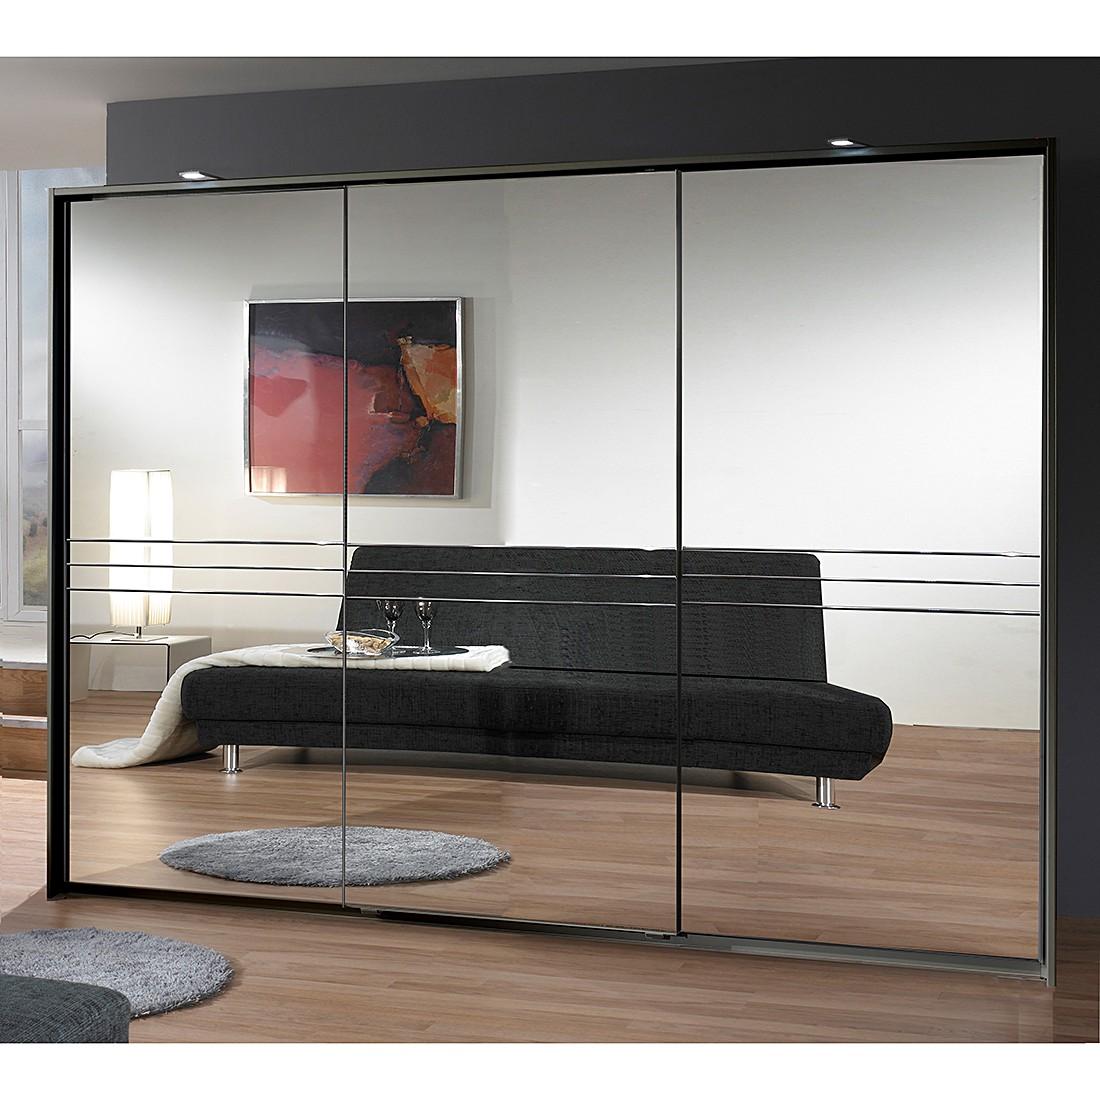 Armoire à porte coulissante Medina - Lava / Miroir - Largeur d'armoire : 300 cm - 3 portes, fresh to